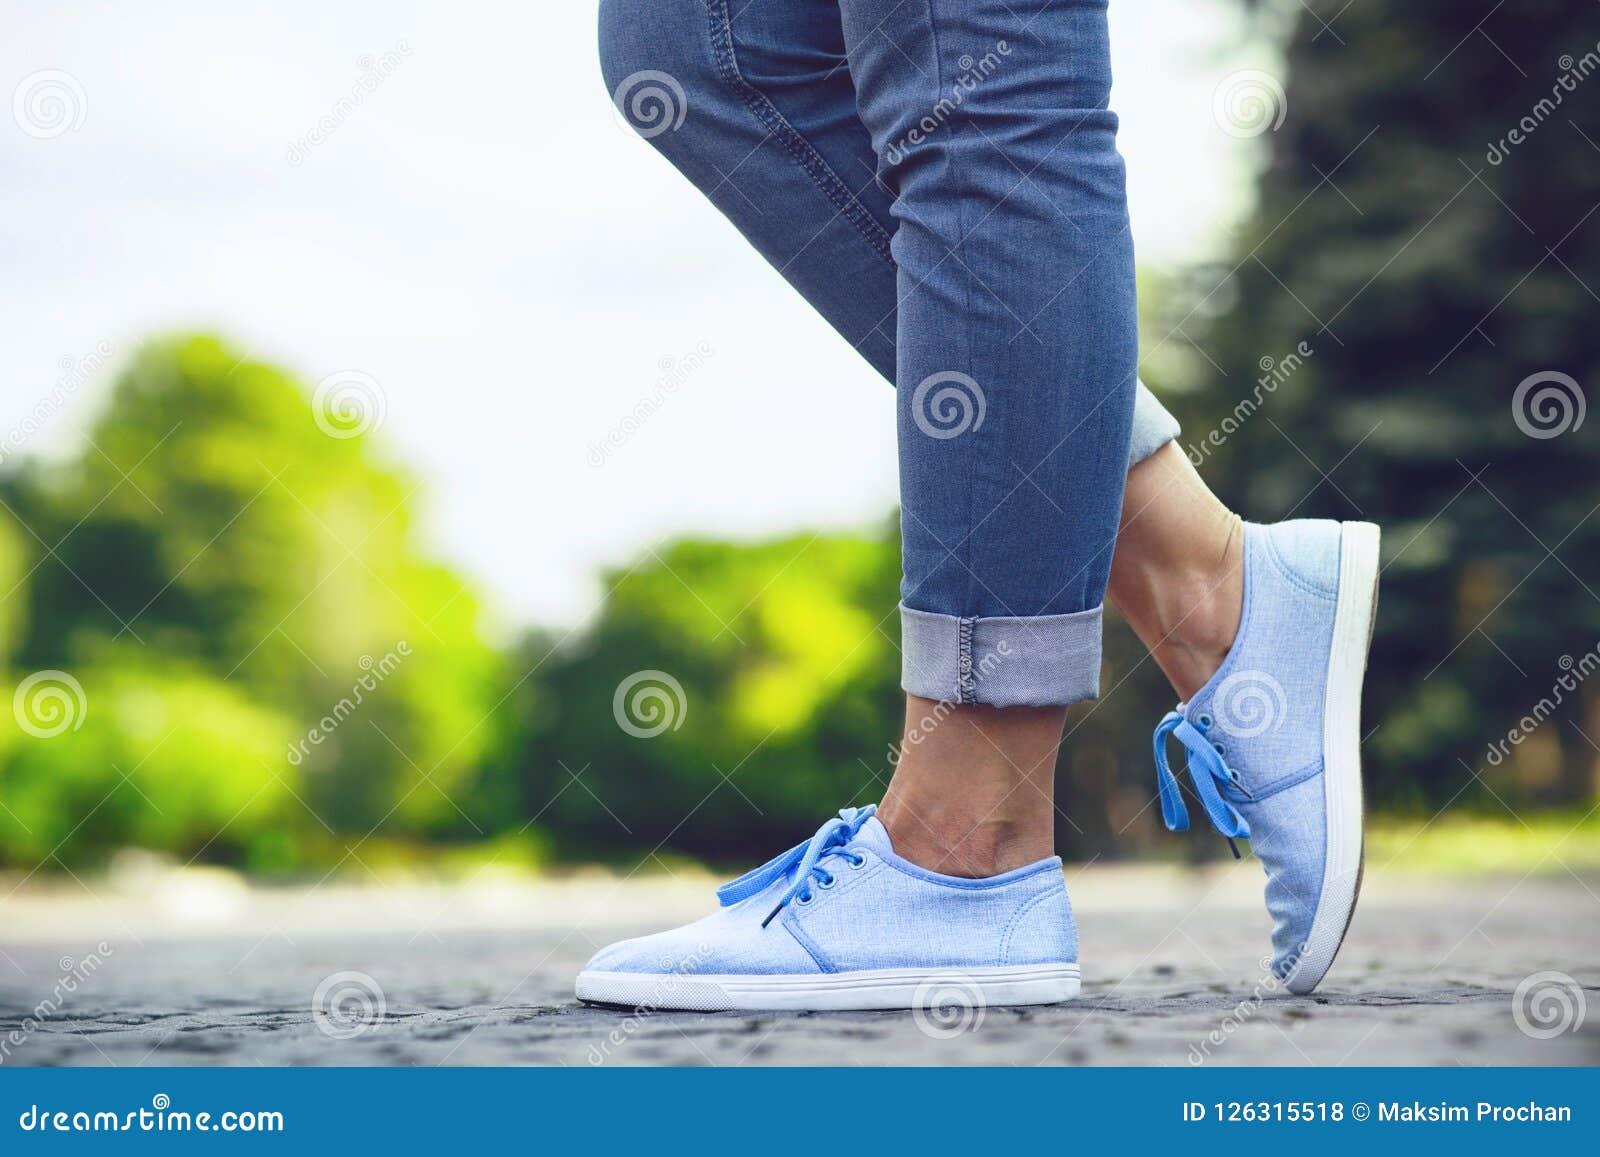 Jambes d une fille dans les jeans et des espadrilles bleues sur une tuile de trottoir, une jeune femme flânant en parc d été